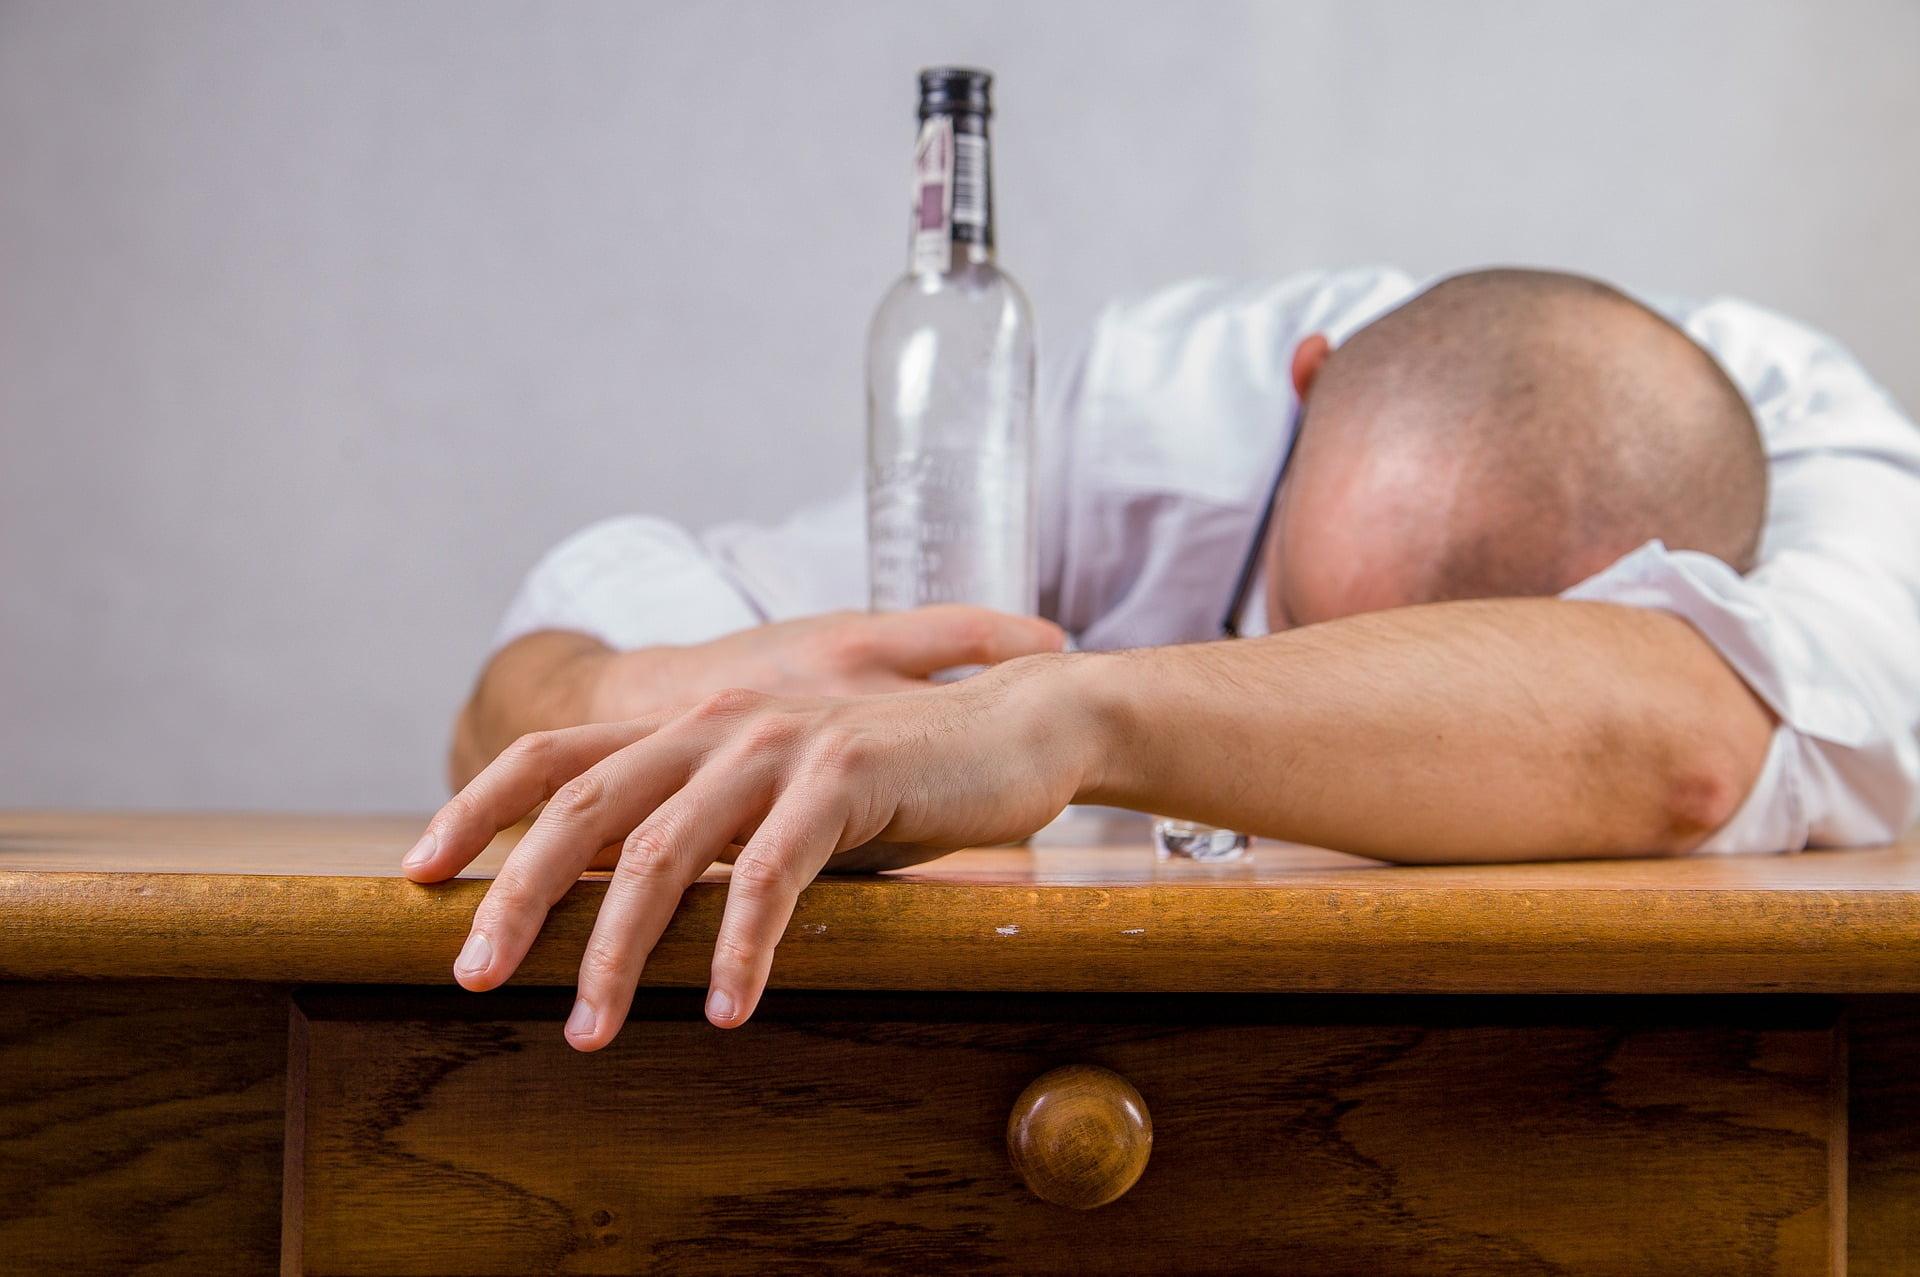 Alcoolul afectează memoria. Efectele negative ale alcoolului asupra memoriei și învățării